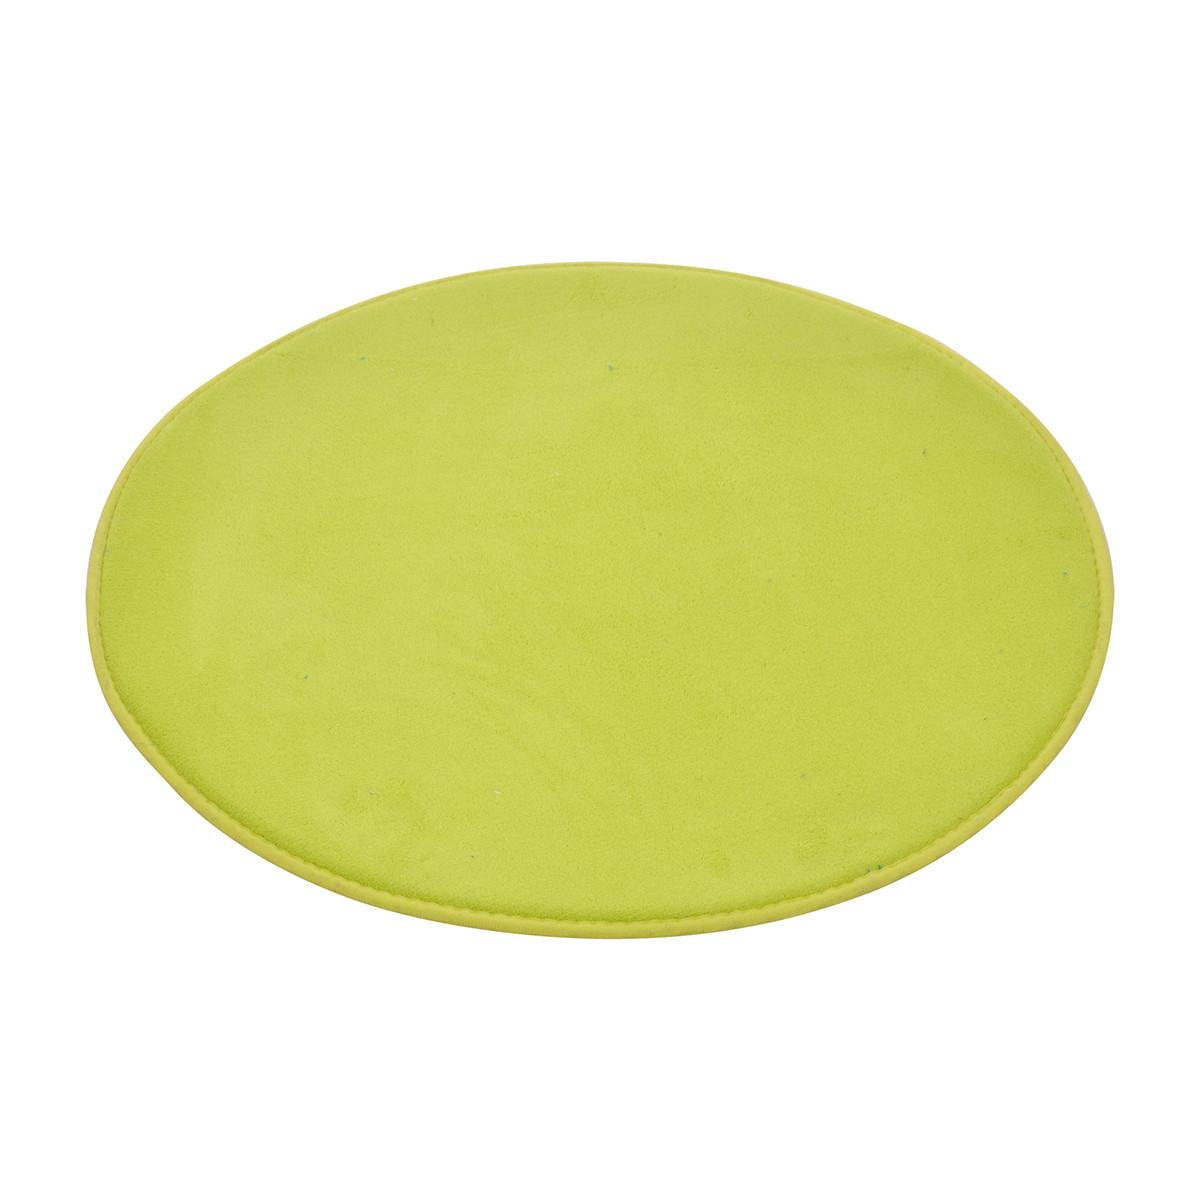 Πατάκι Μπάνιου (Φ60) Round Lime Green 6GMB270VC